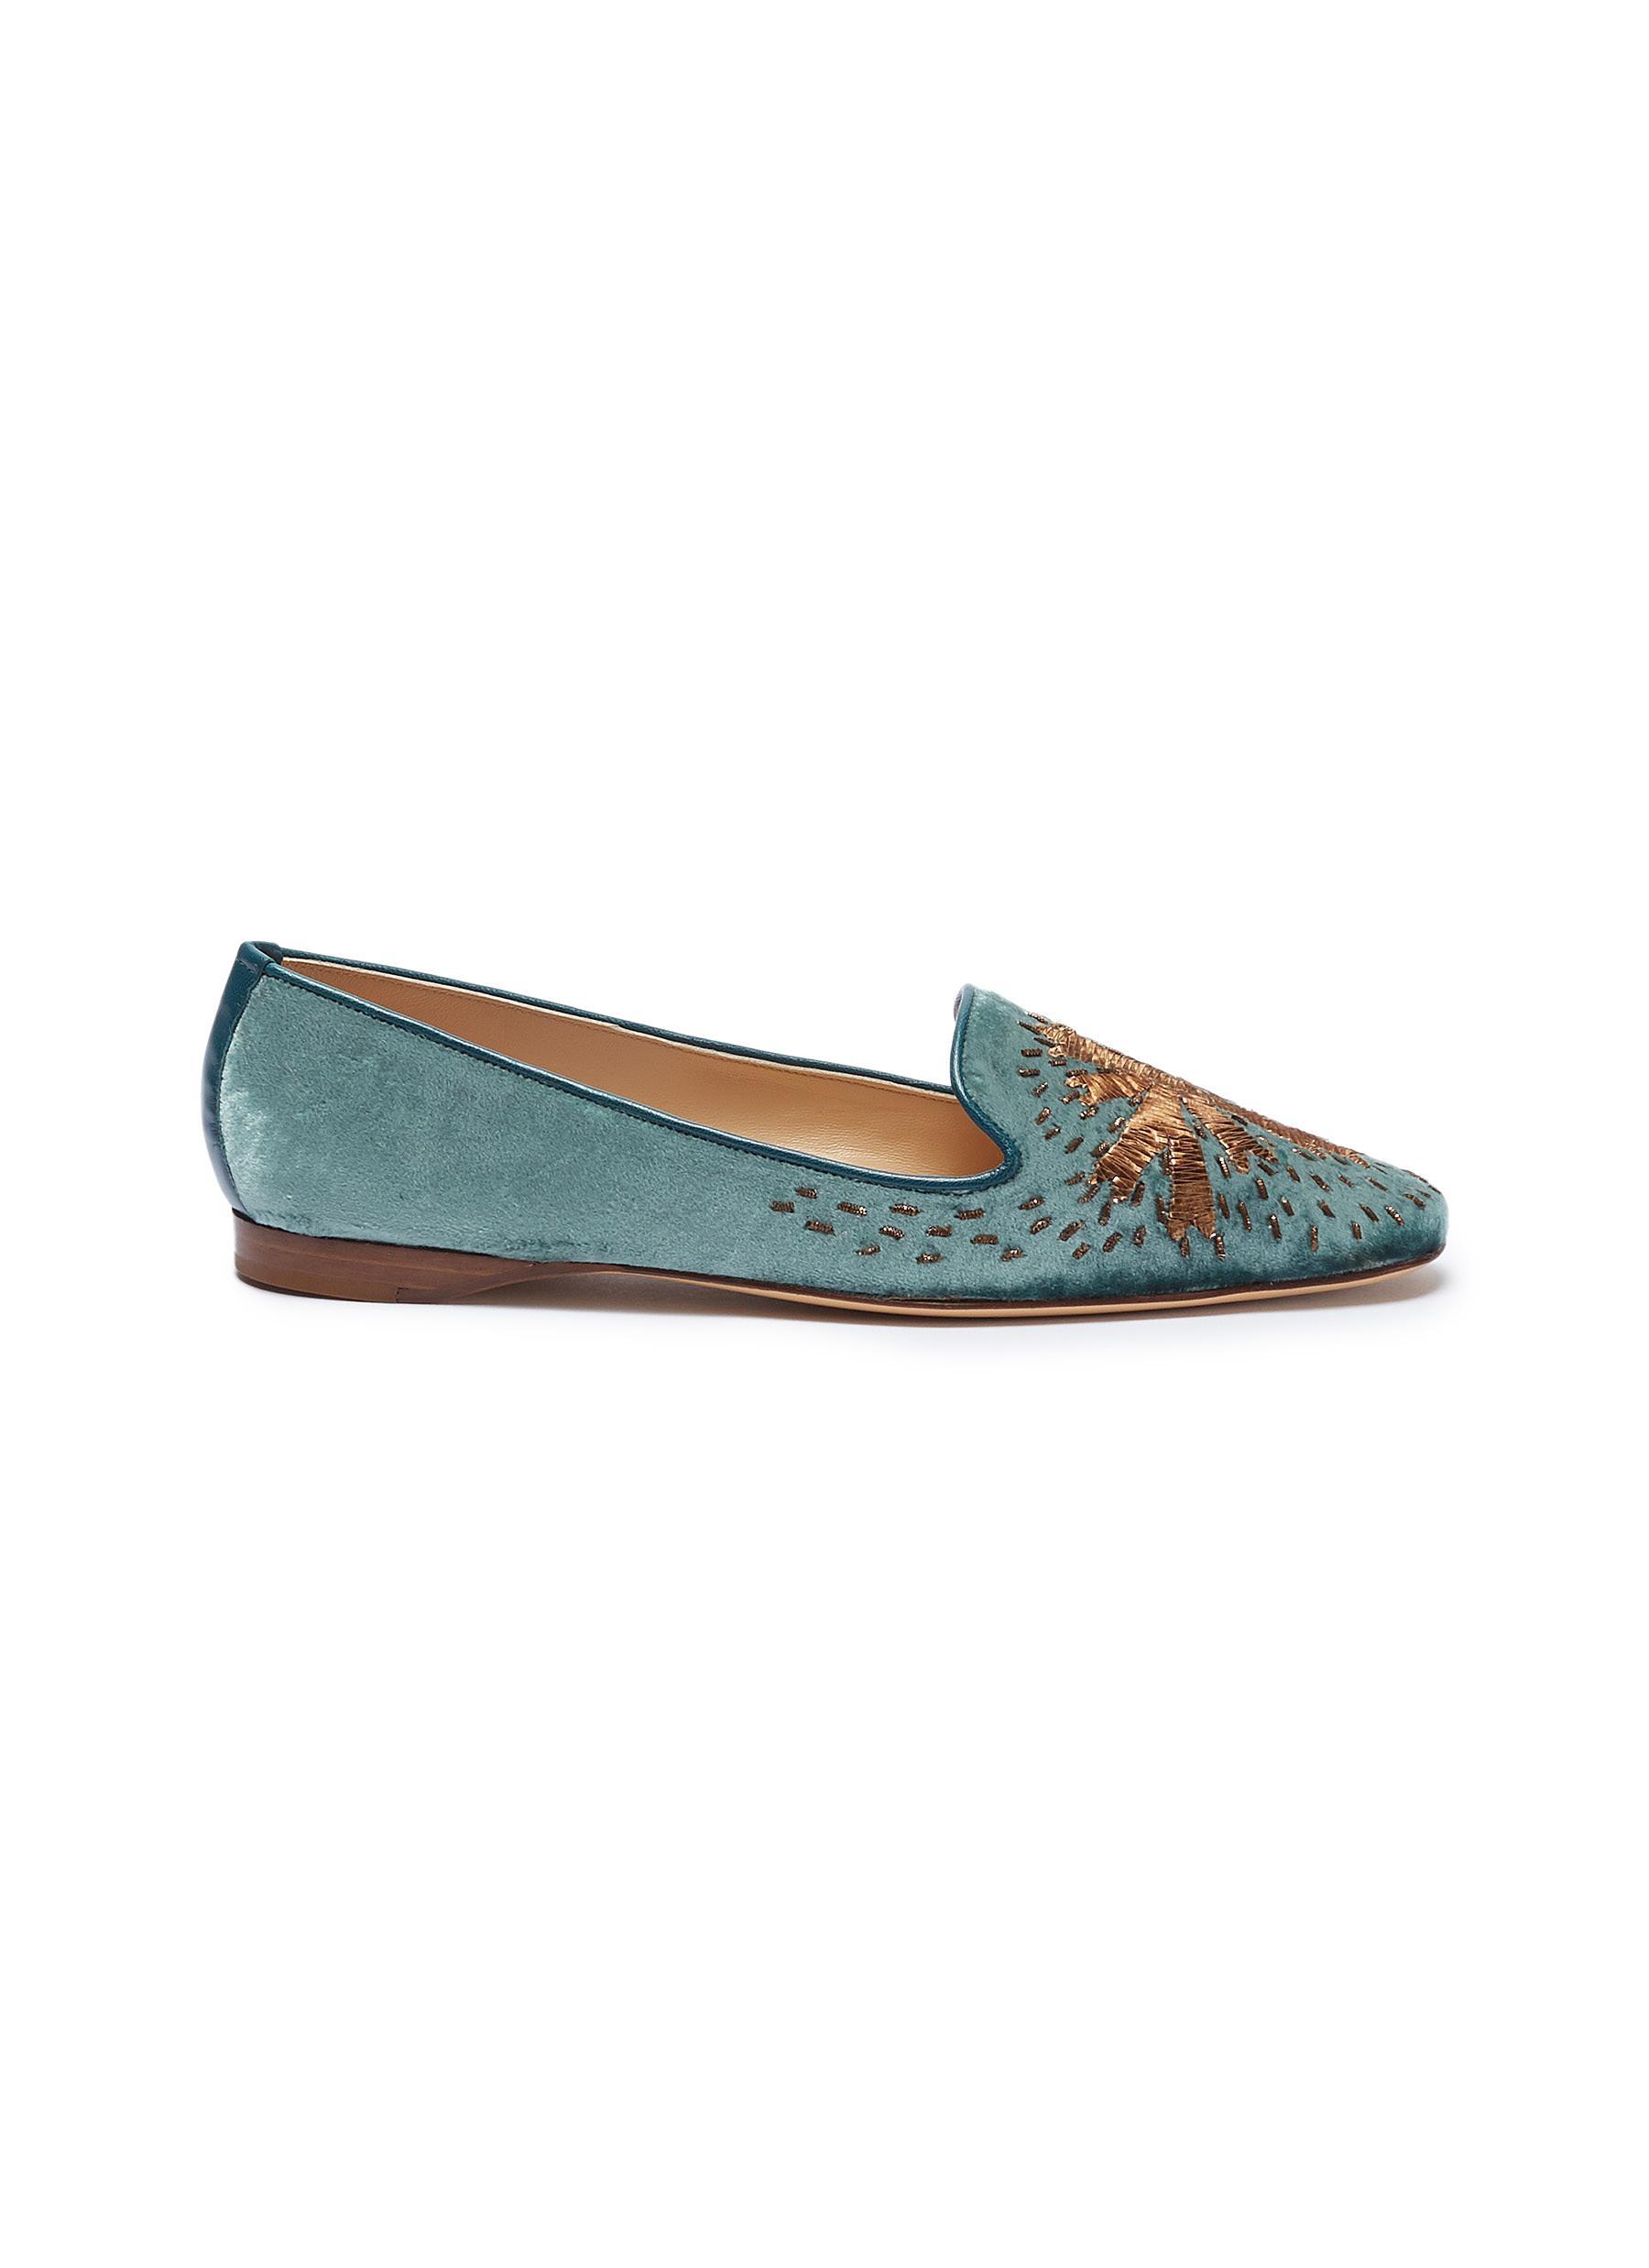 Star embroidered velvet loafers